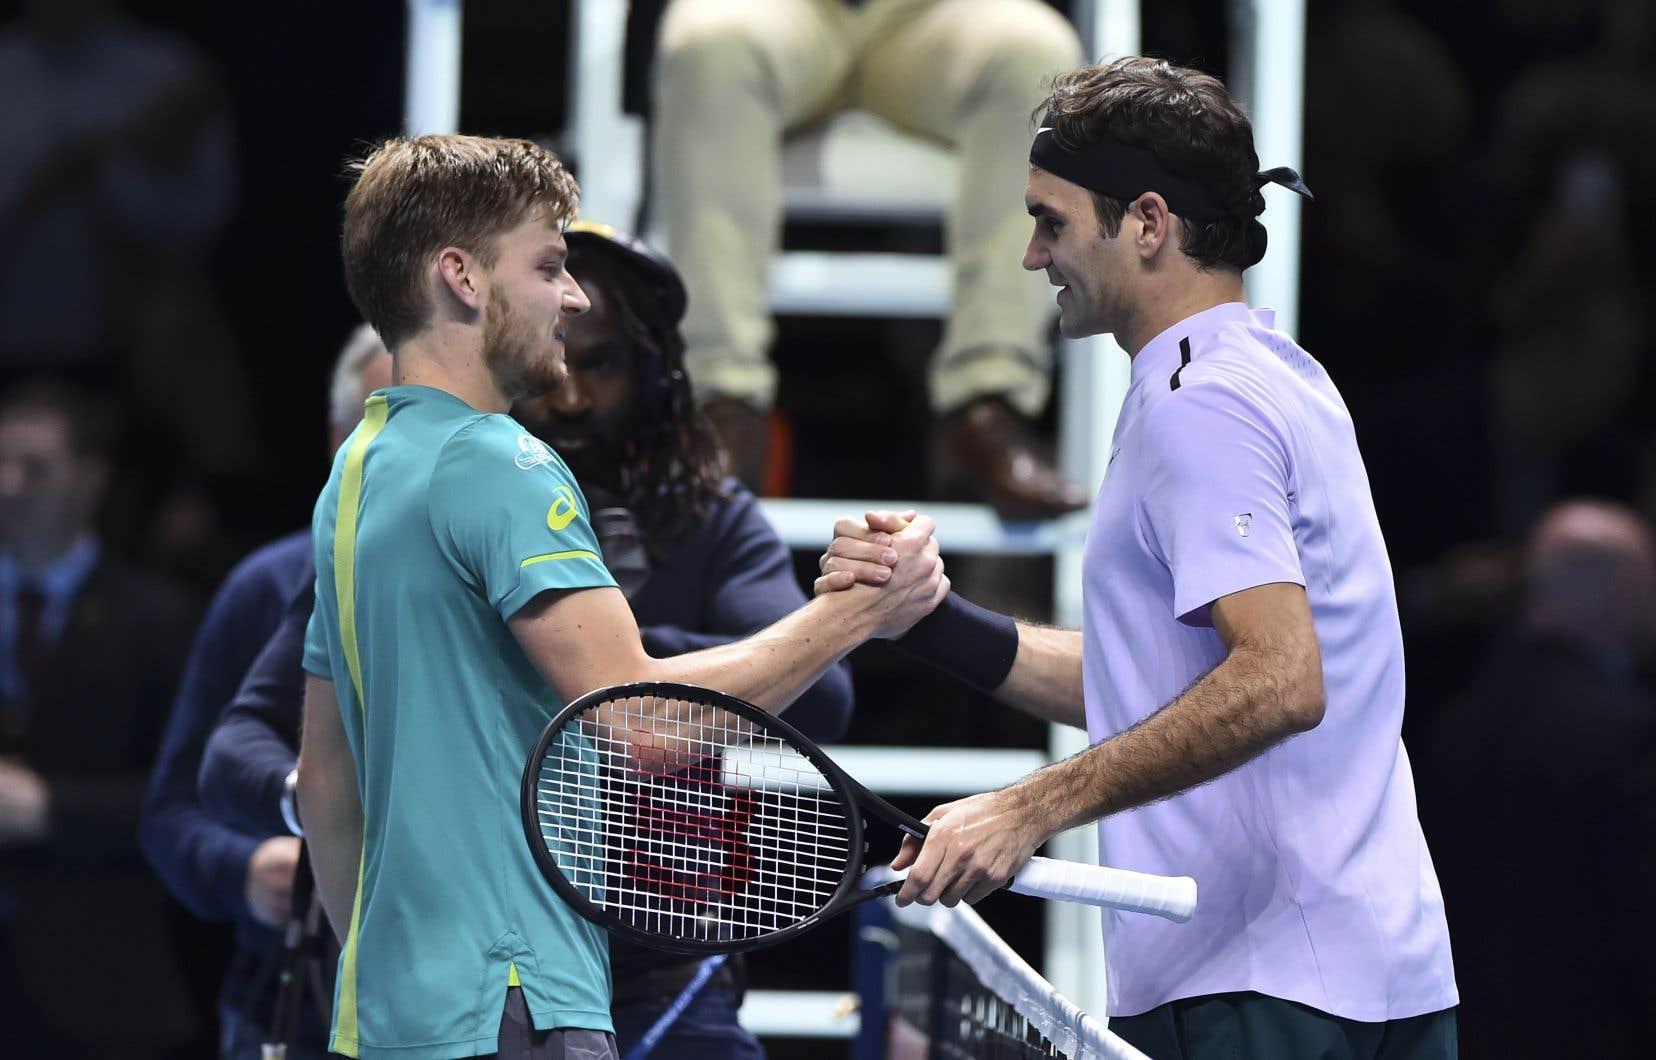 David Goffin a mis un terme aux espoirs de Roger Federer de remporter un septième titre des Finales de l'ATP.